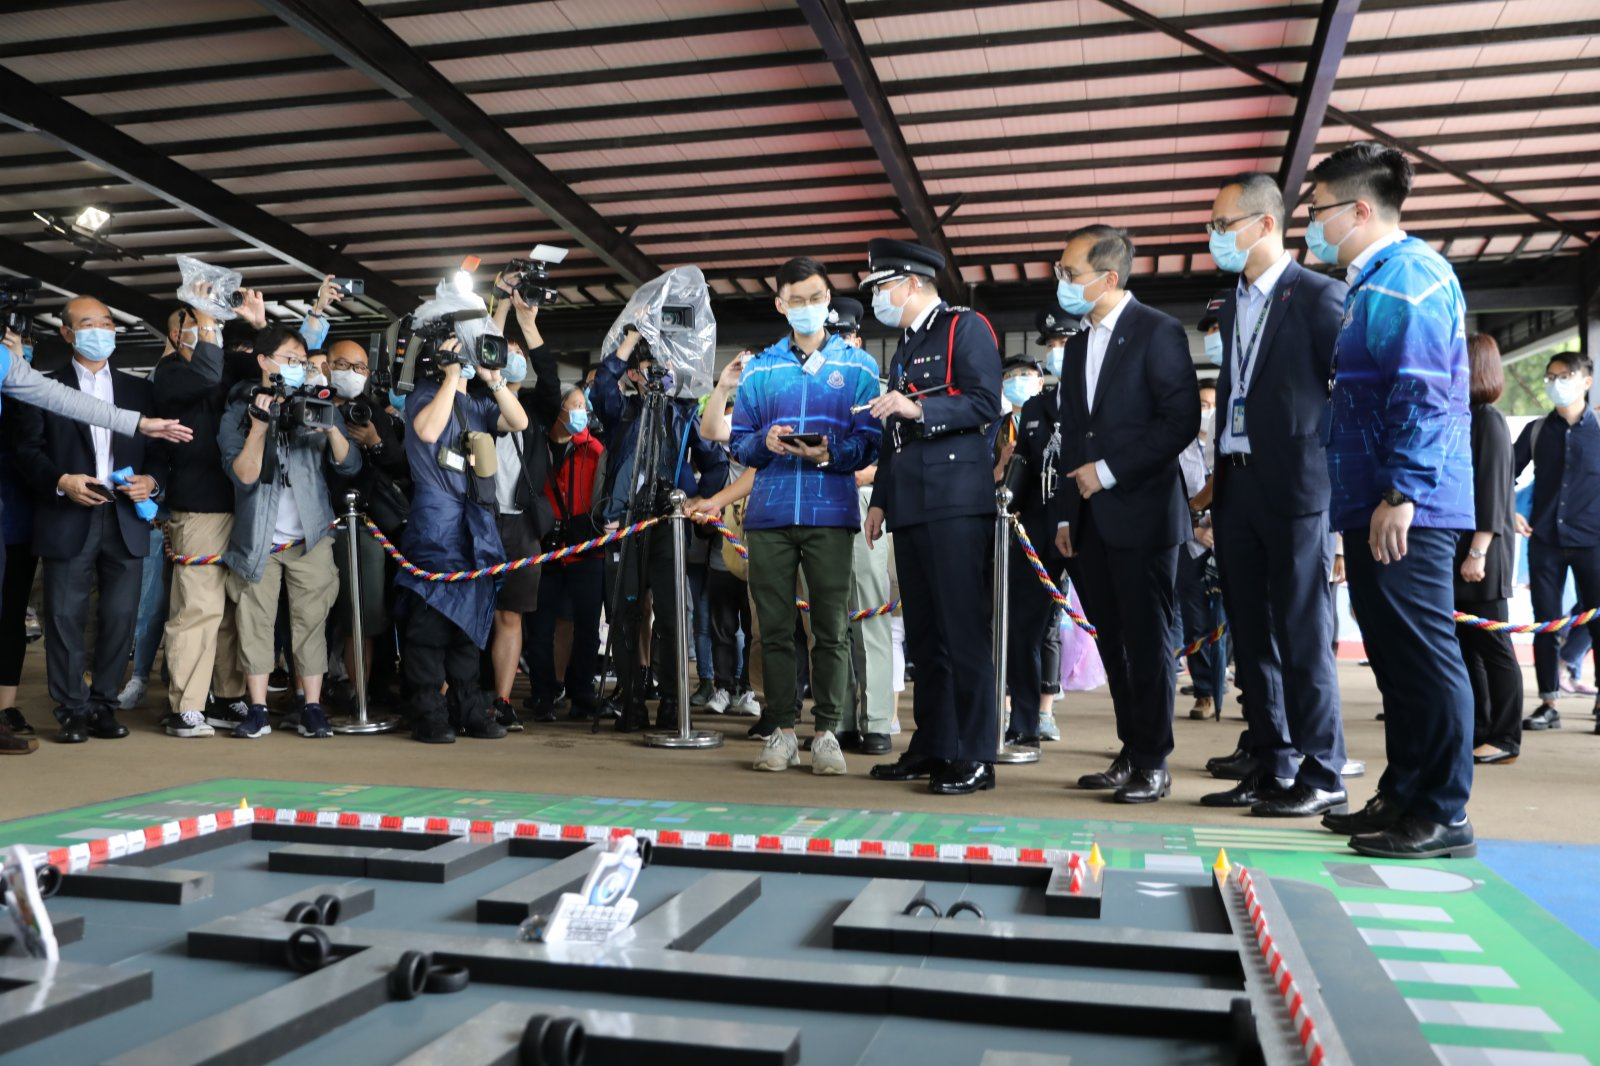 今日(15日)是實施香港國安法後第一個「全民國家安全教育日」,警察學院舉行開放日活動。警務處處長鄧炳強下午到警察學院觀看步操,又與在場市民拍照及交流,試玩國安法問答遊戲,並參觀國安法展覽。  據悉,警察學院開放日的展示項目包括專業步操表演、警察樂隊演奏、反恐演練、國家安全教育展覽、網絡安全展、特別用途車輛及裝甲車輛展示、爆炸品處理組及鐵路應變部隊與水警前線人員裝備展示及分享、衝鋒隊路障及裝備展示、虛擬實境體驗、警犬互動等。